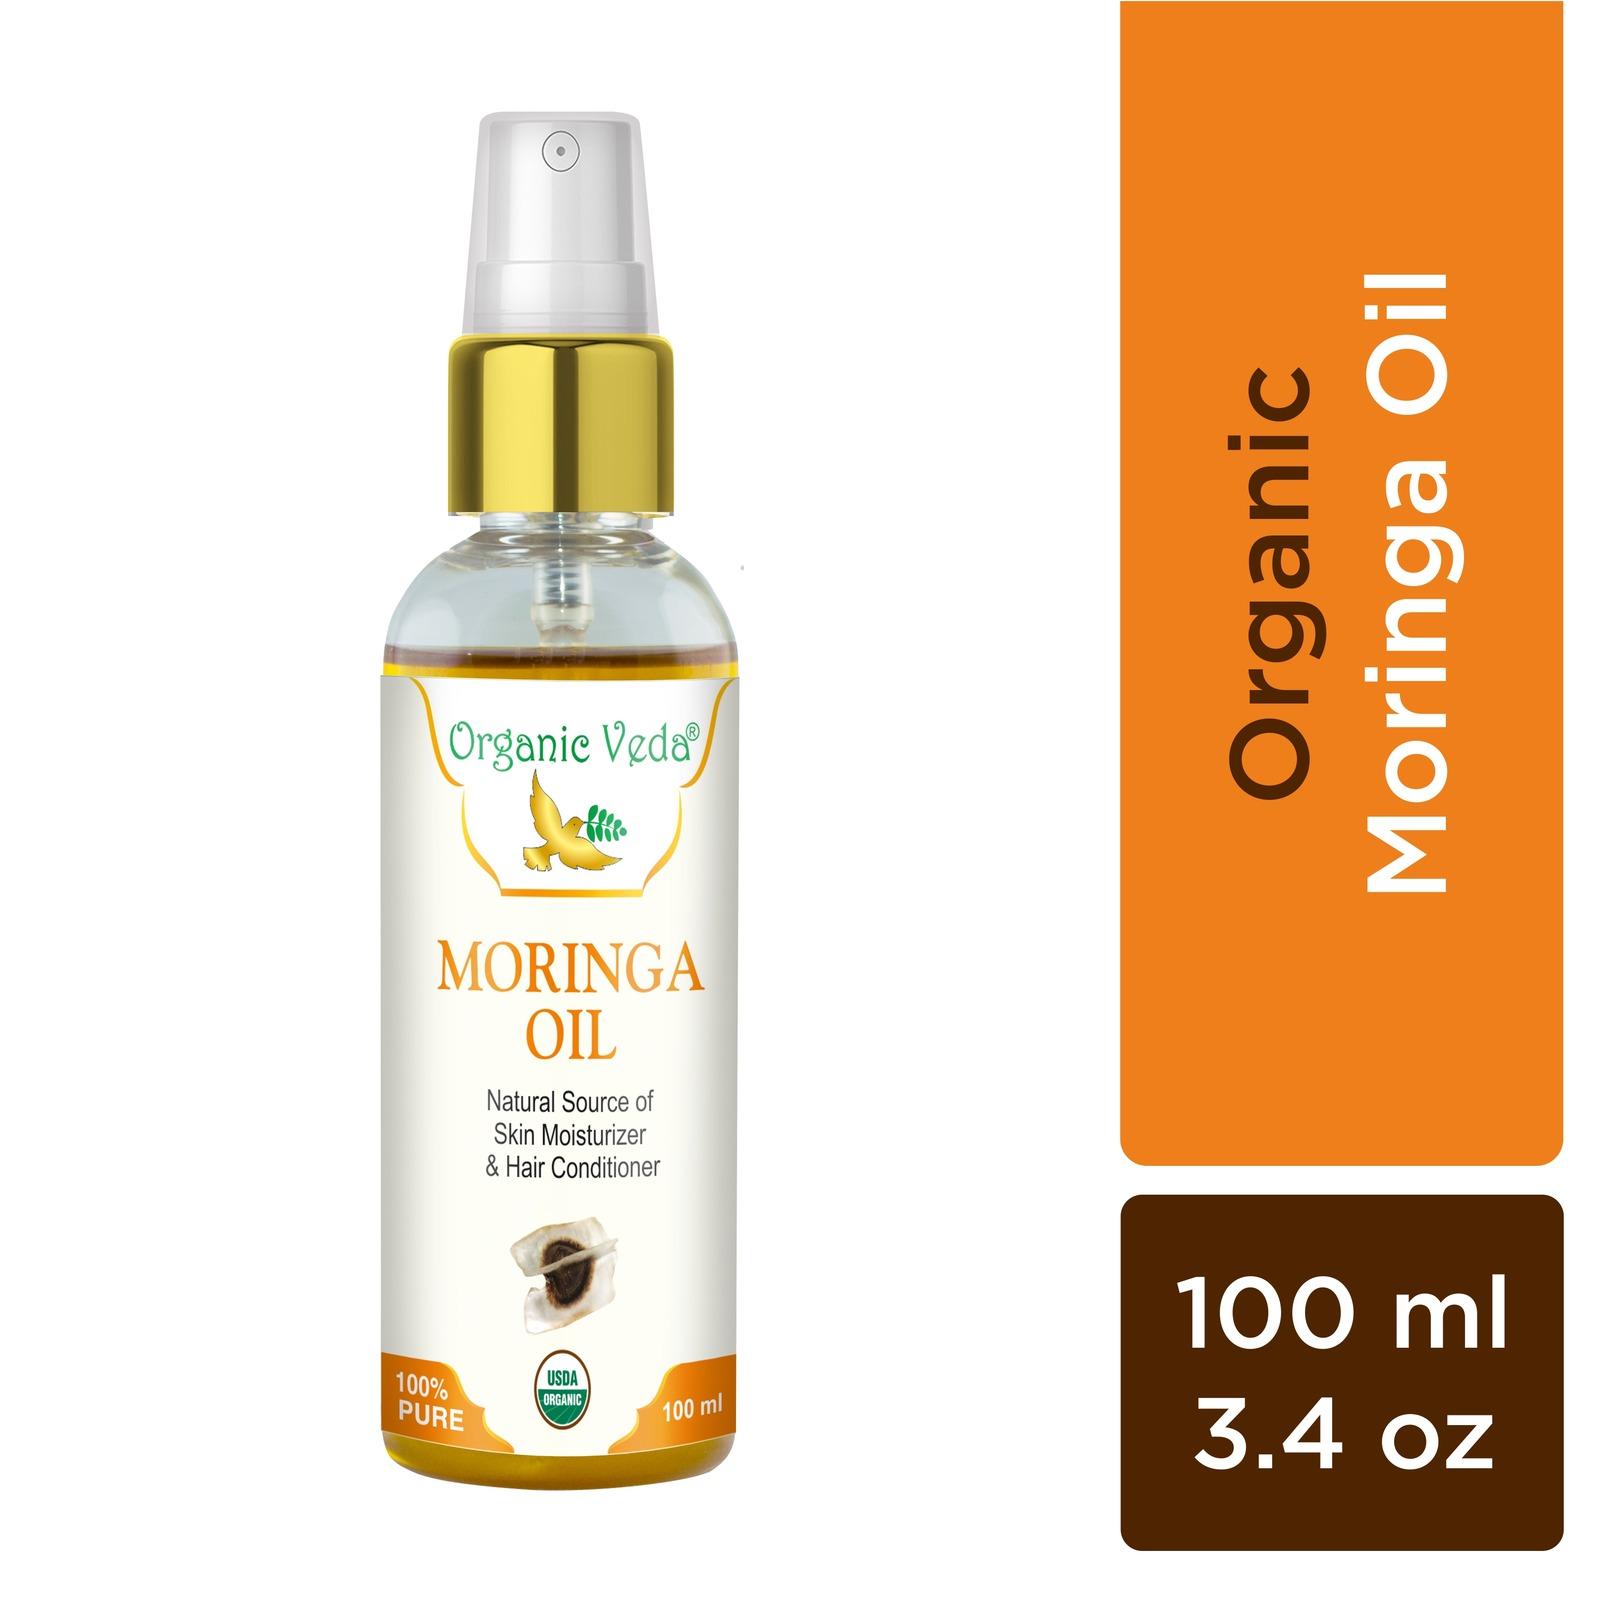 Organic Veda Moringa Oil 100 ml / 3.4 fl oz